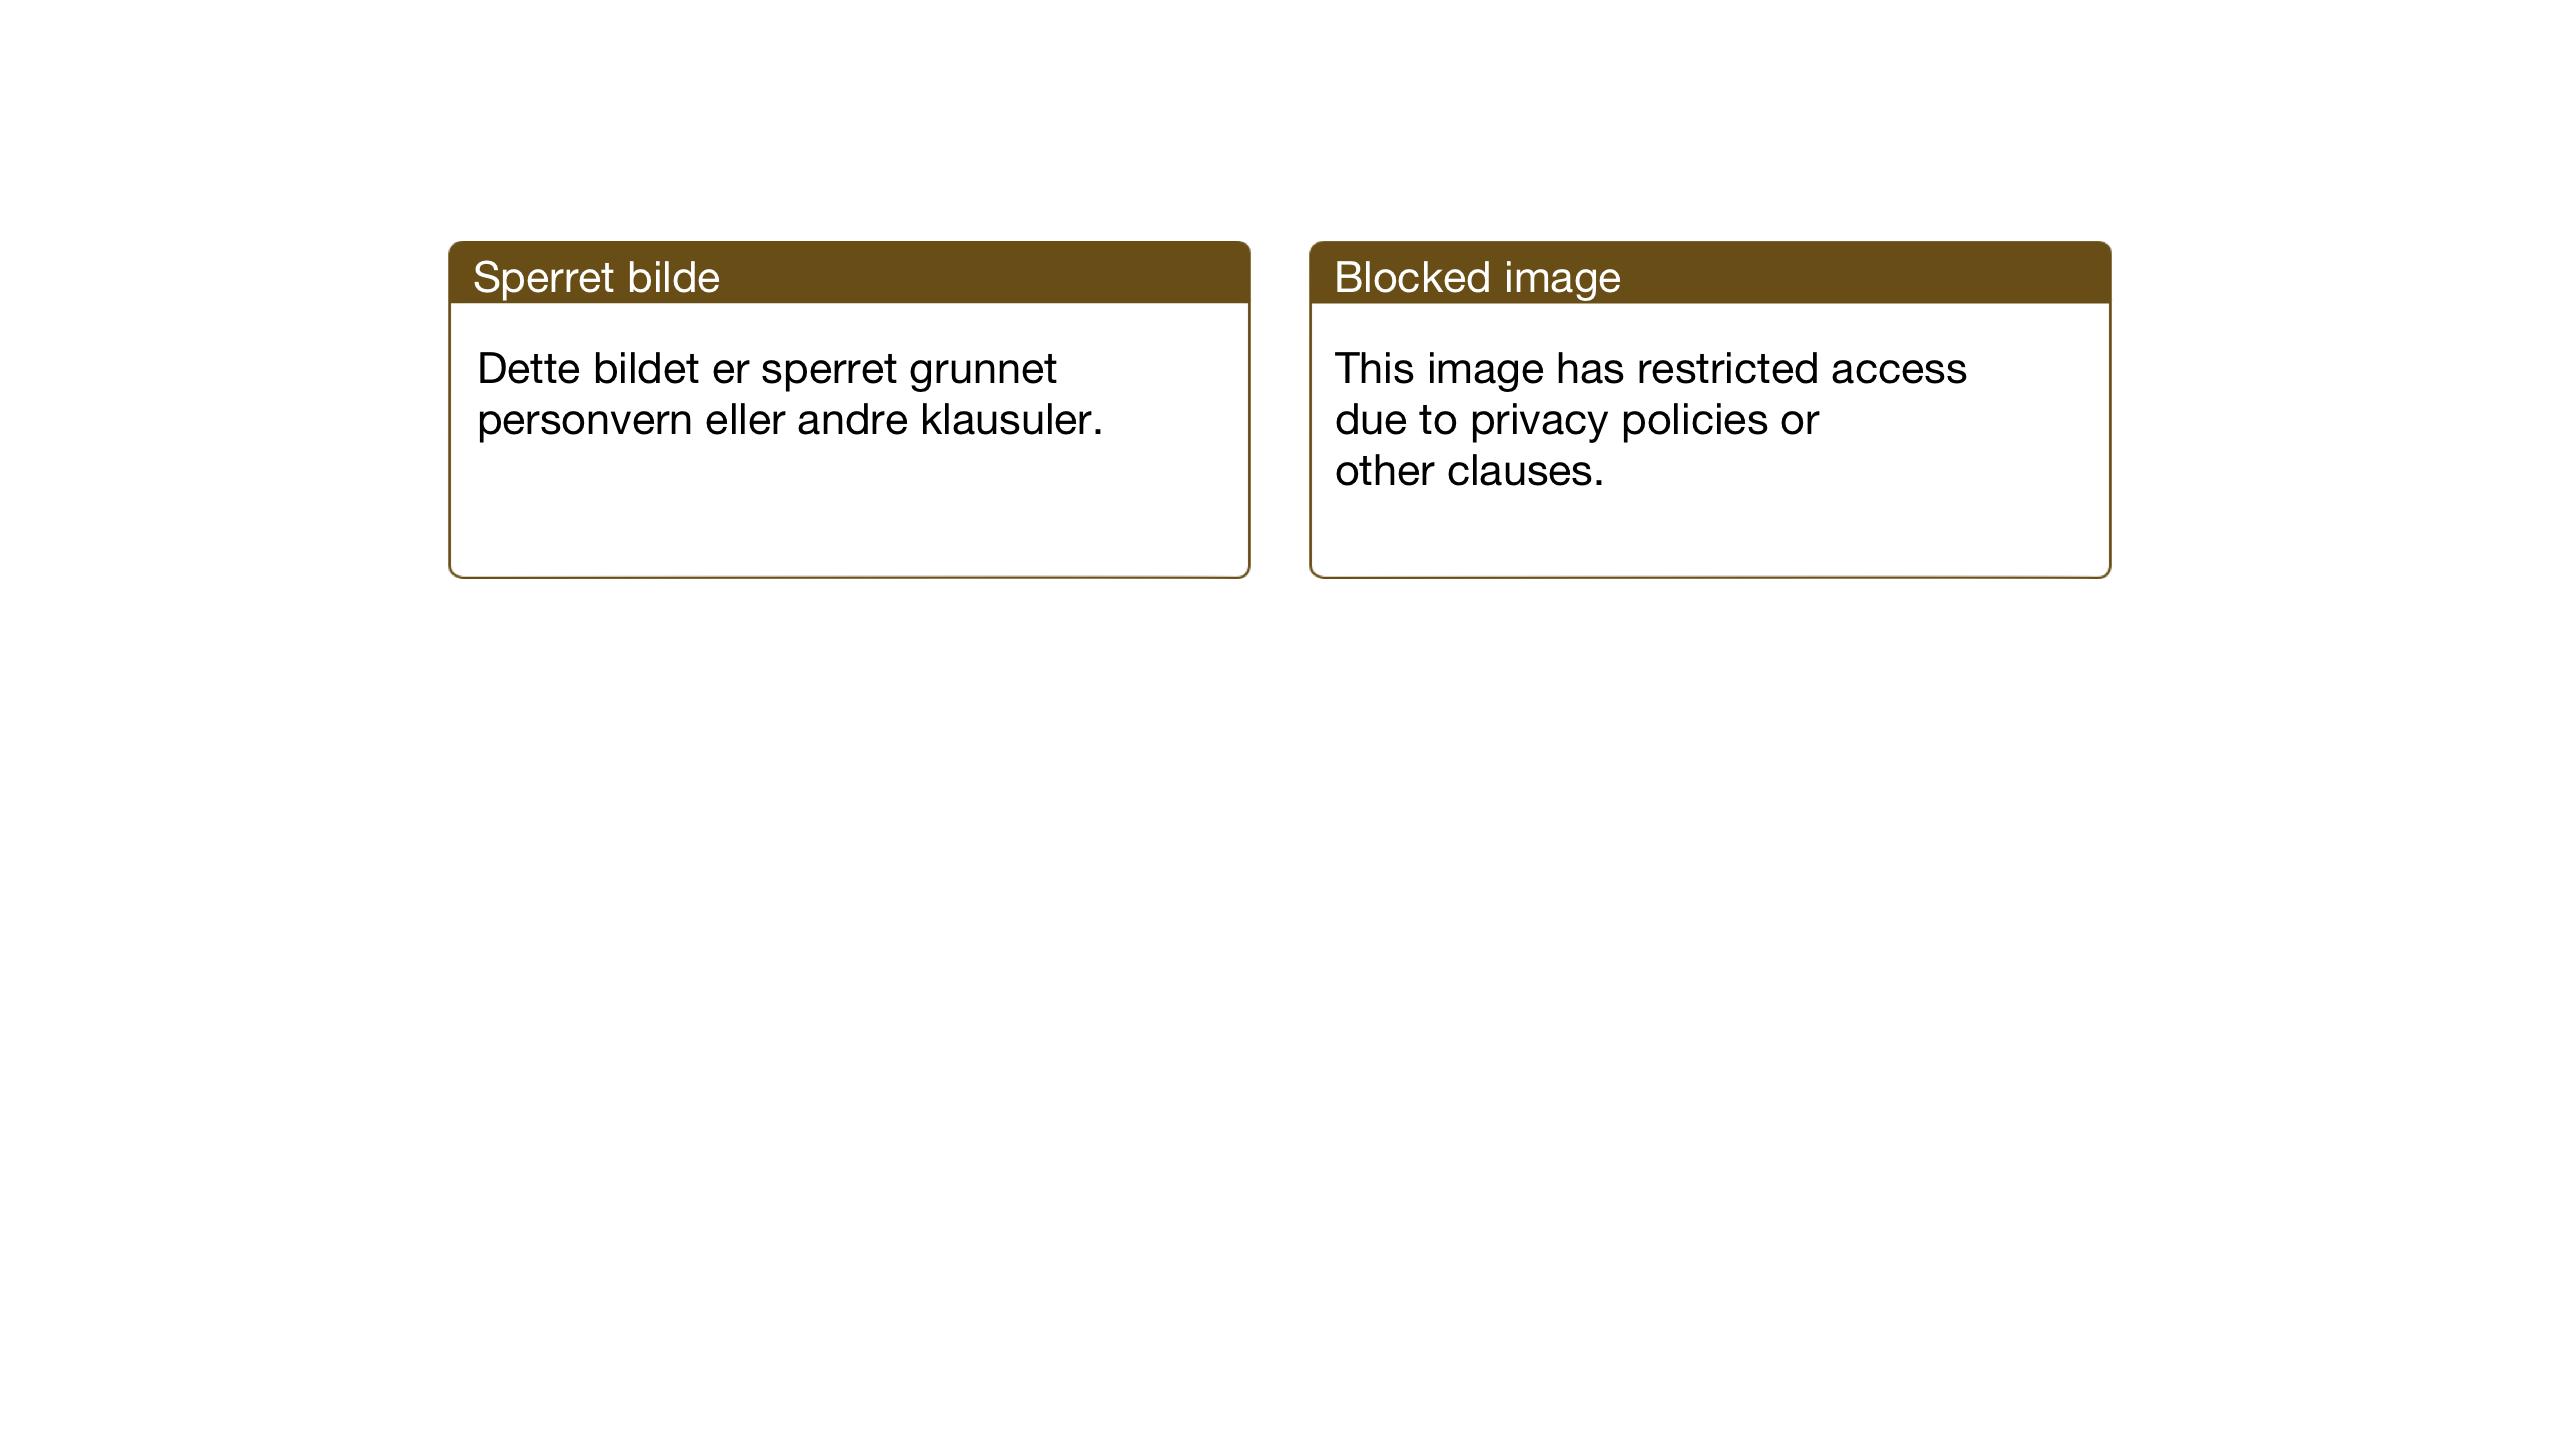 SAT, Ministerialprotokoller, klokkerbøker og fødselsregistre - Nord-Trøndelag, 722/L0227: Klokkerbok nr. 722C03, 1928-1958, s. 125